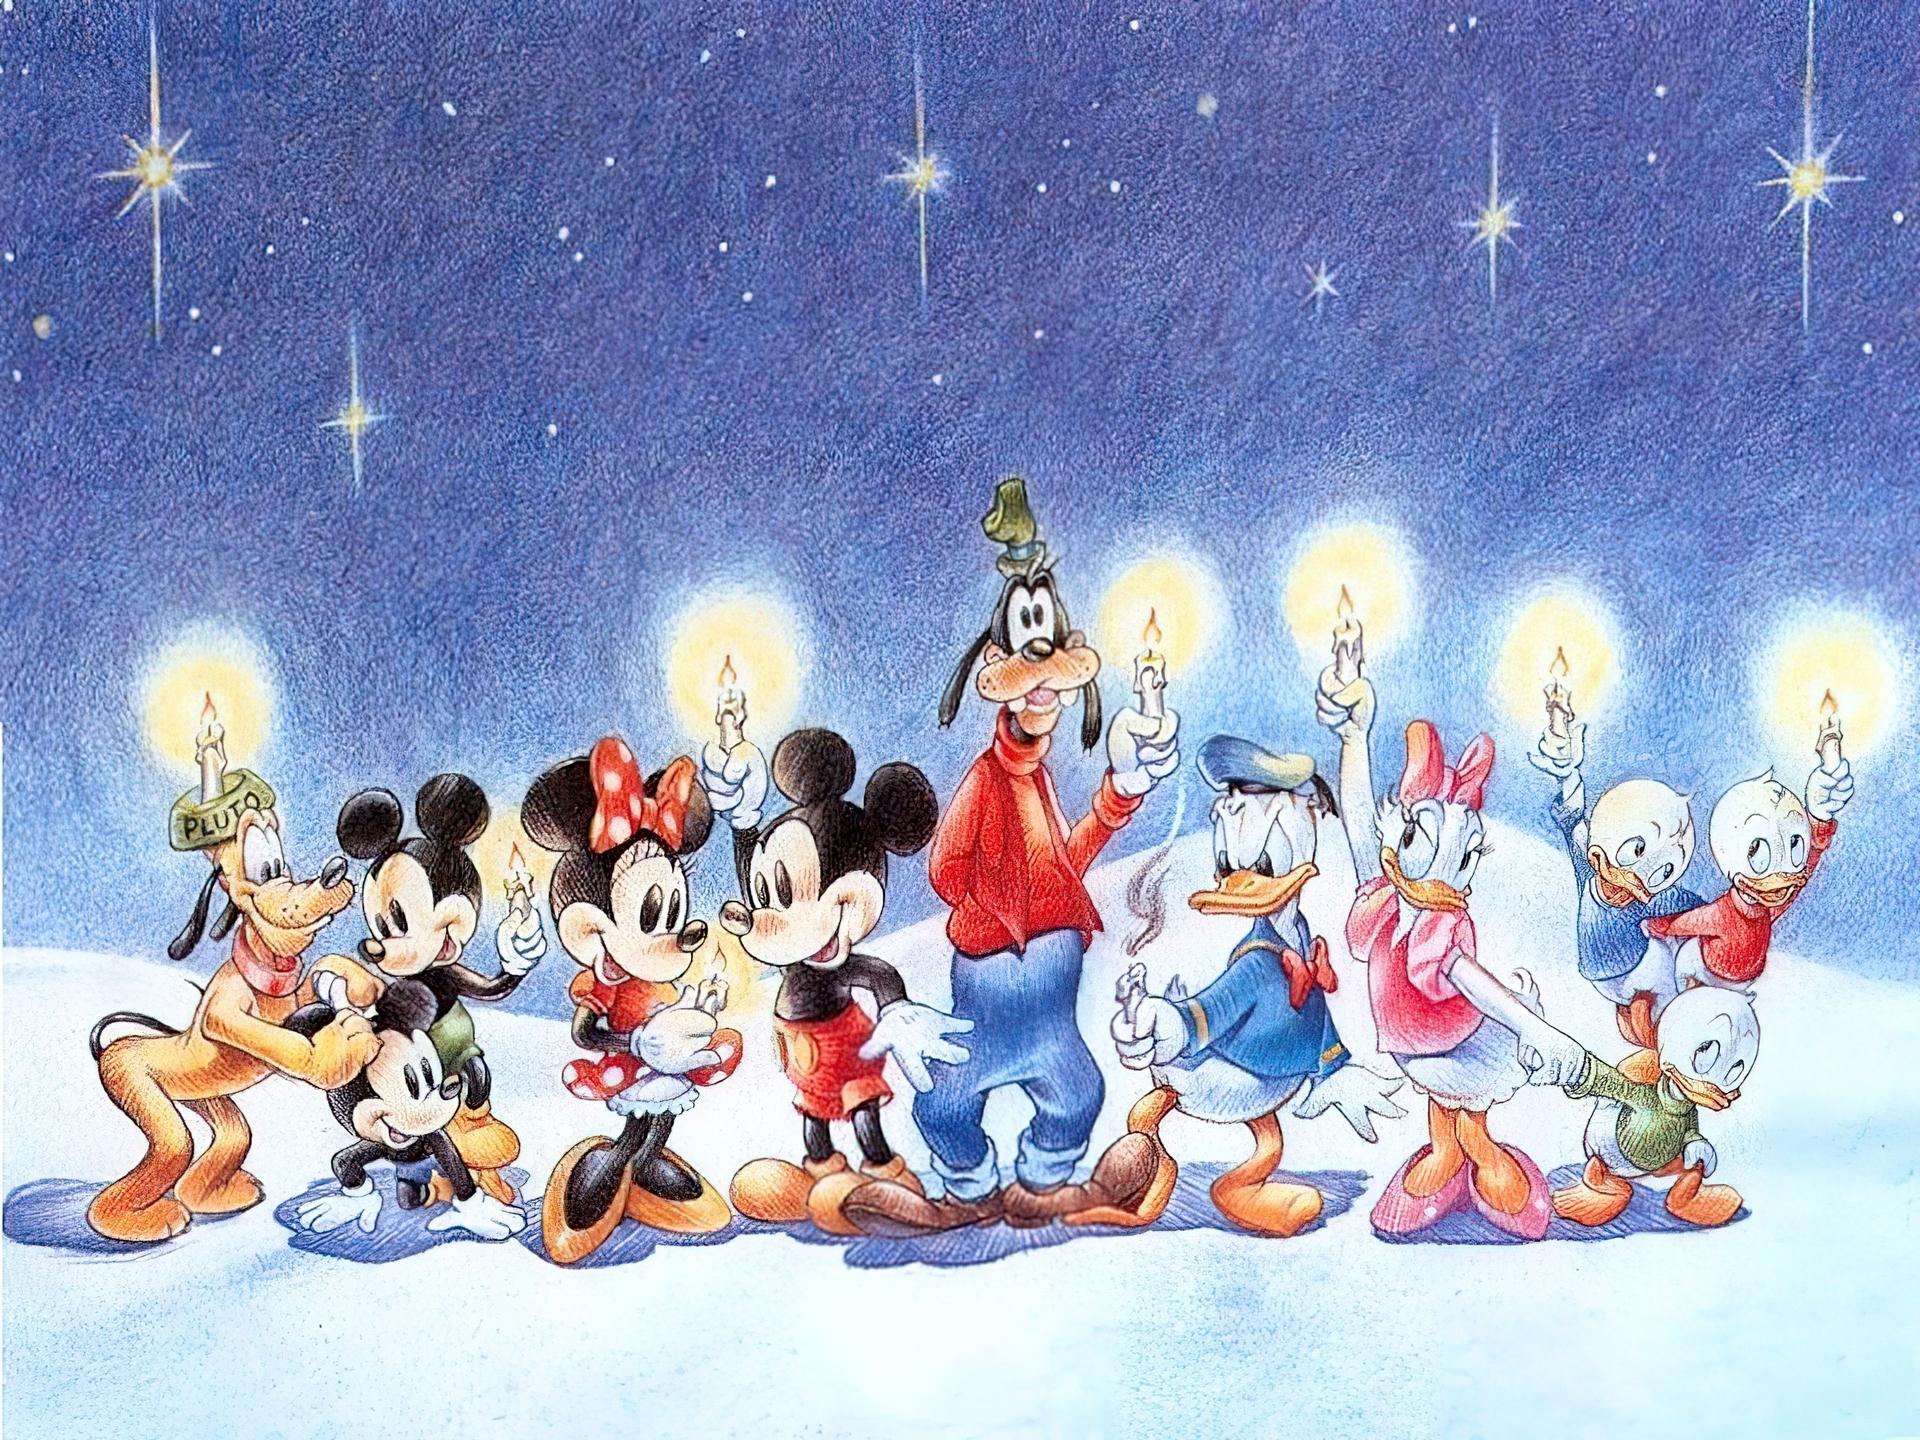 Miki święta Bożego Narodzenia Boże Narodzenie 2018